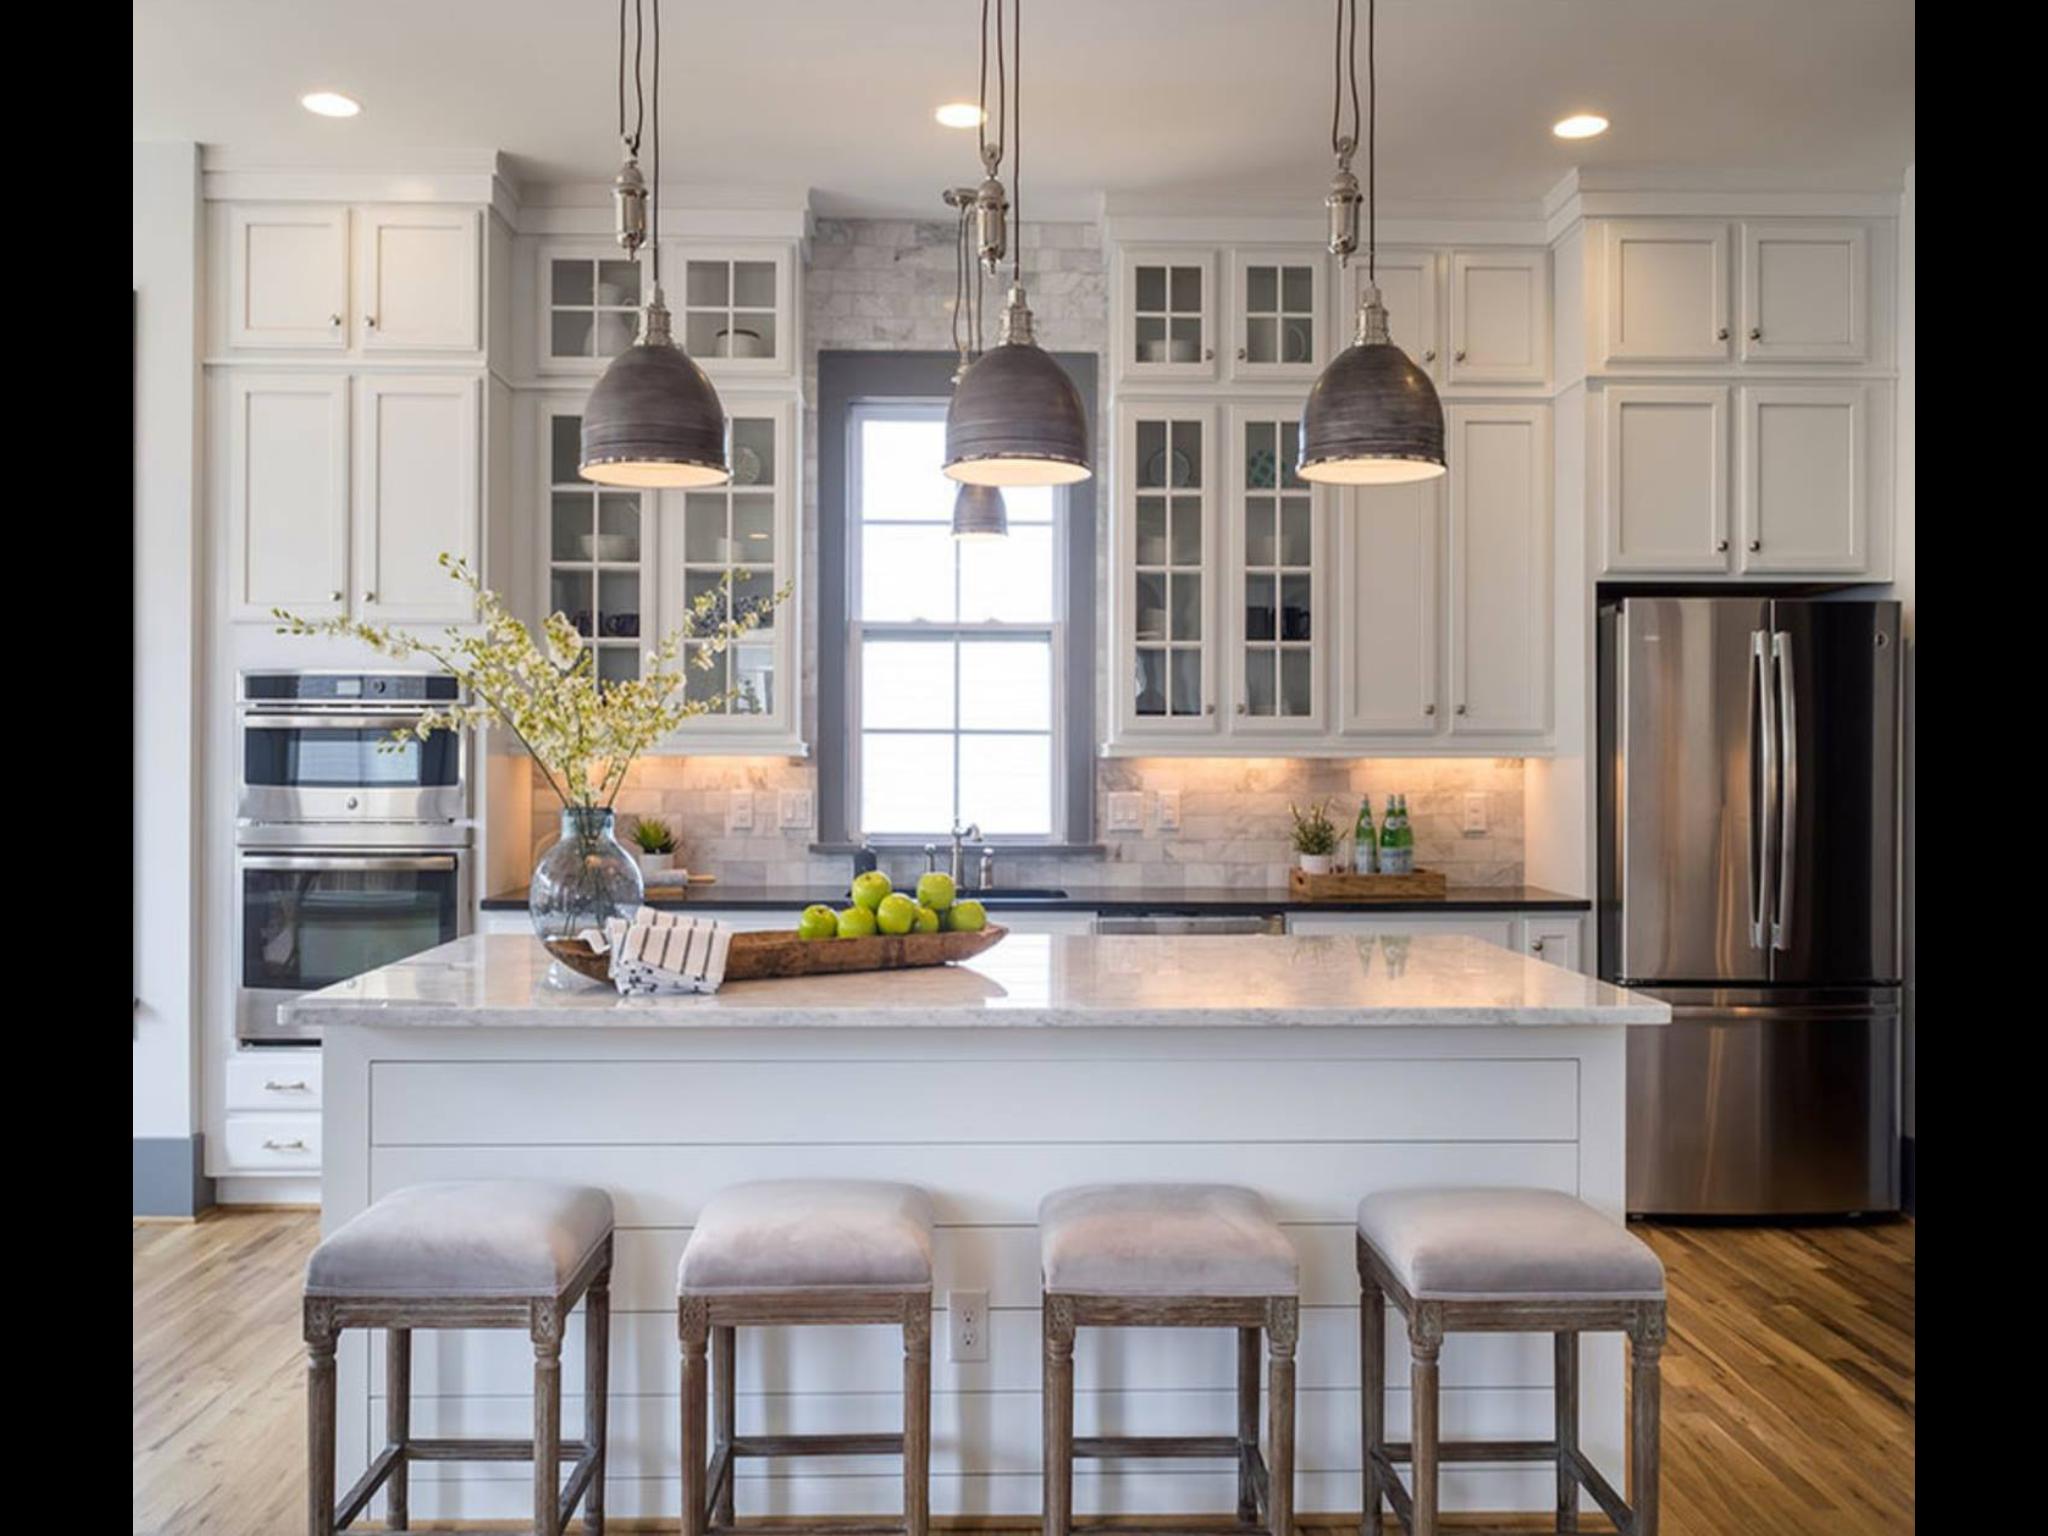 Design Keuken Decoratie : Pin van sherry oyler op kitchen pinterest